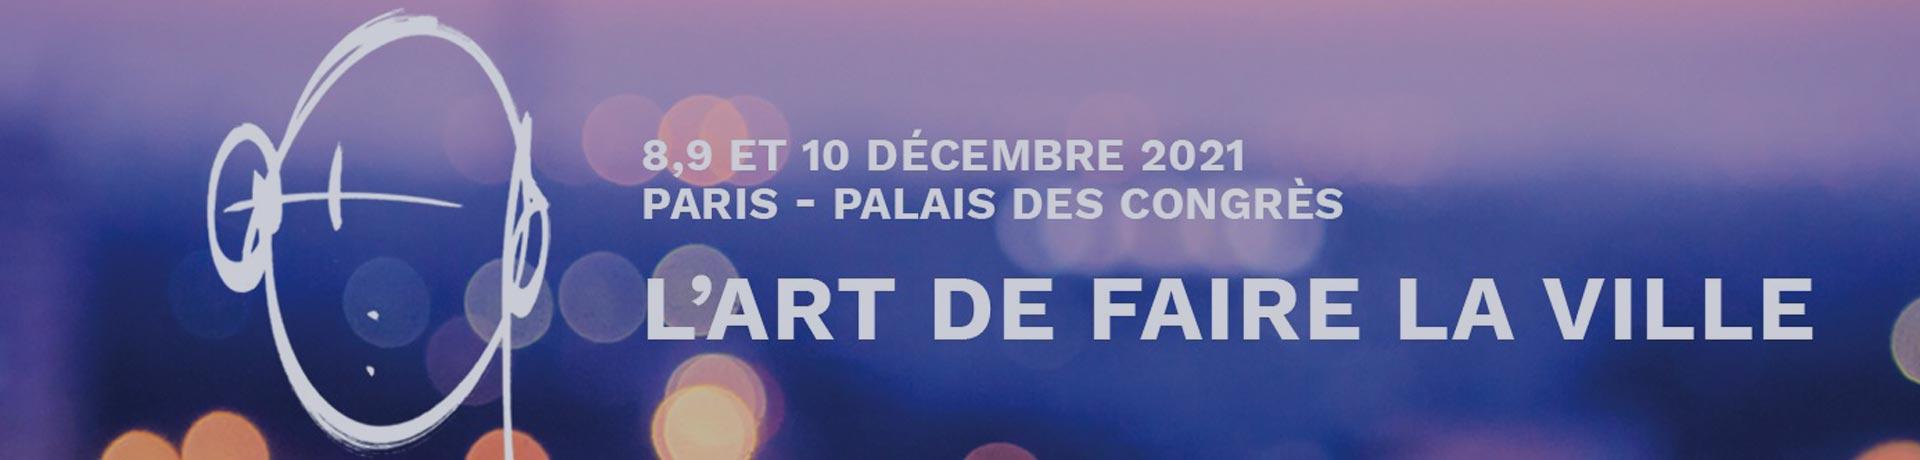 Salon SIMI Decembre Paris